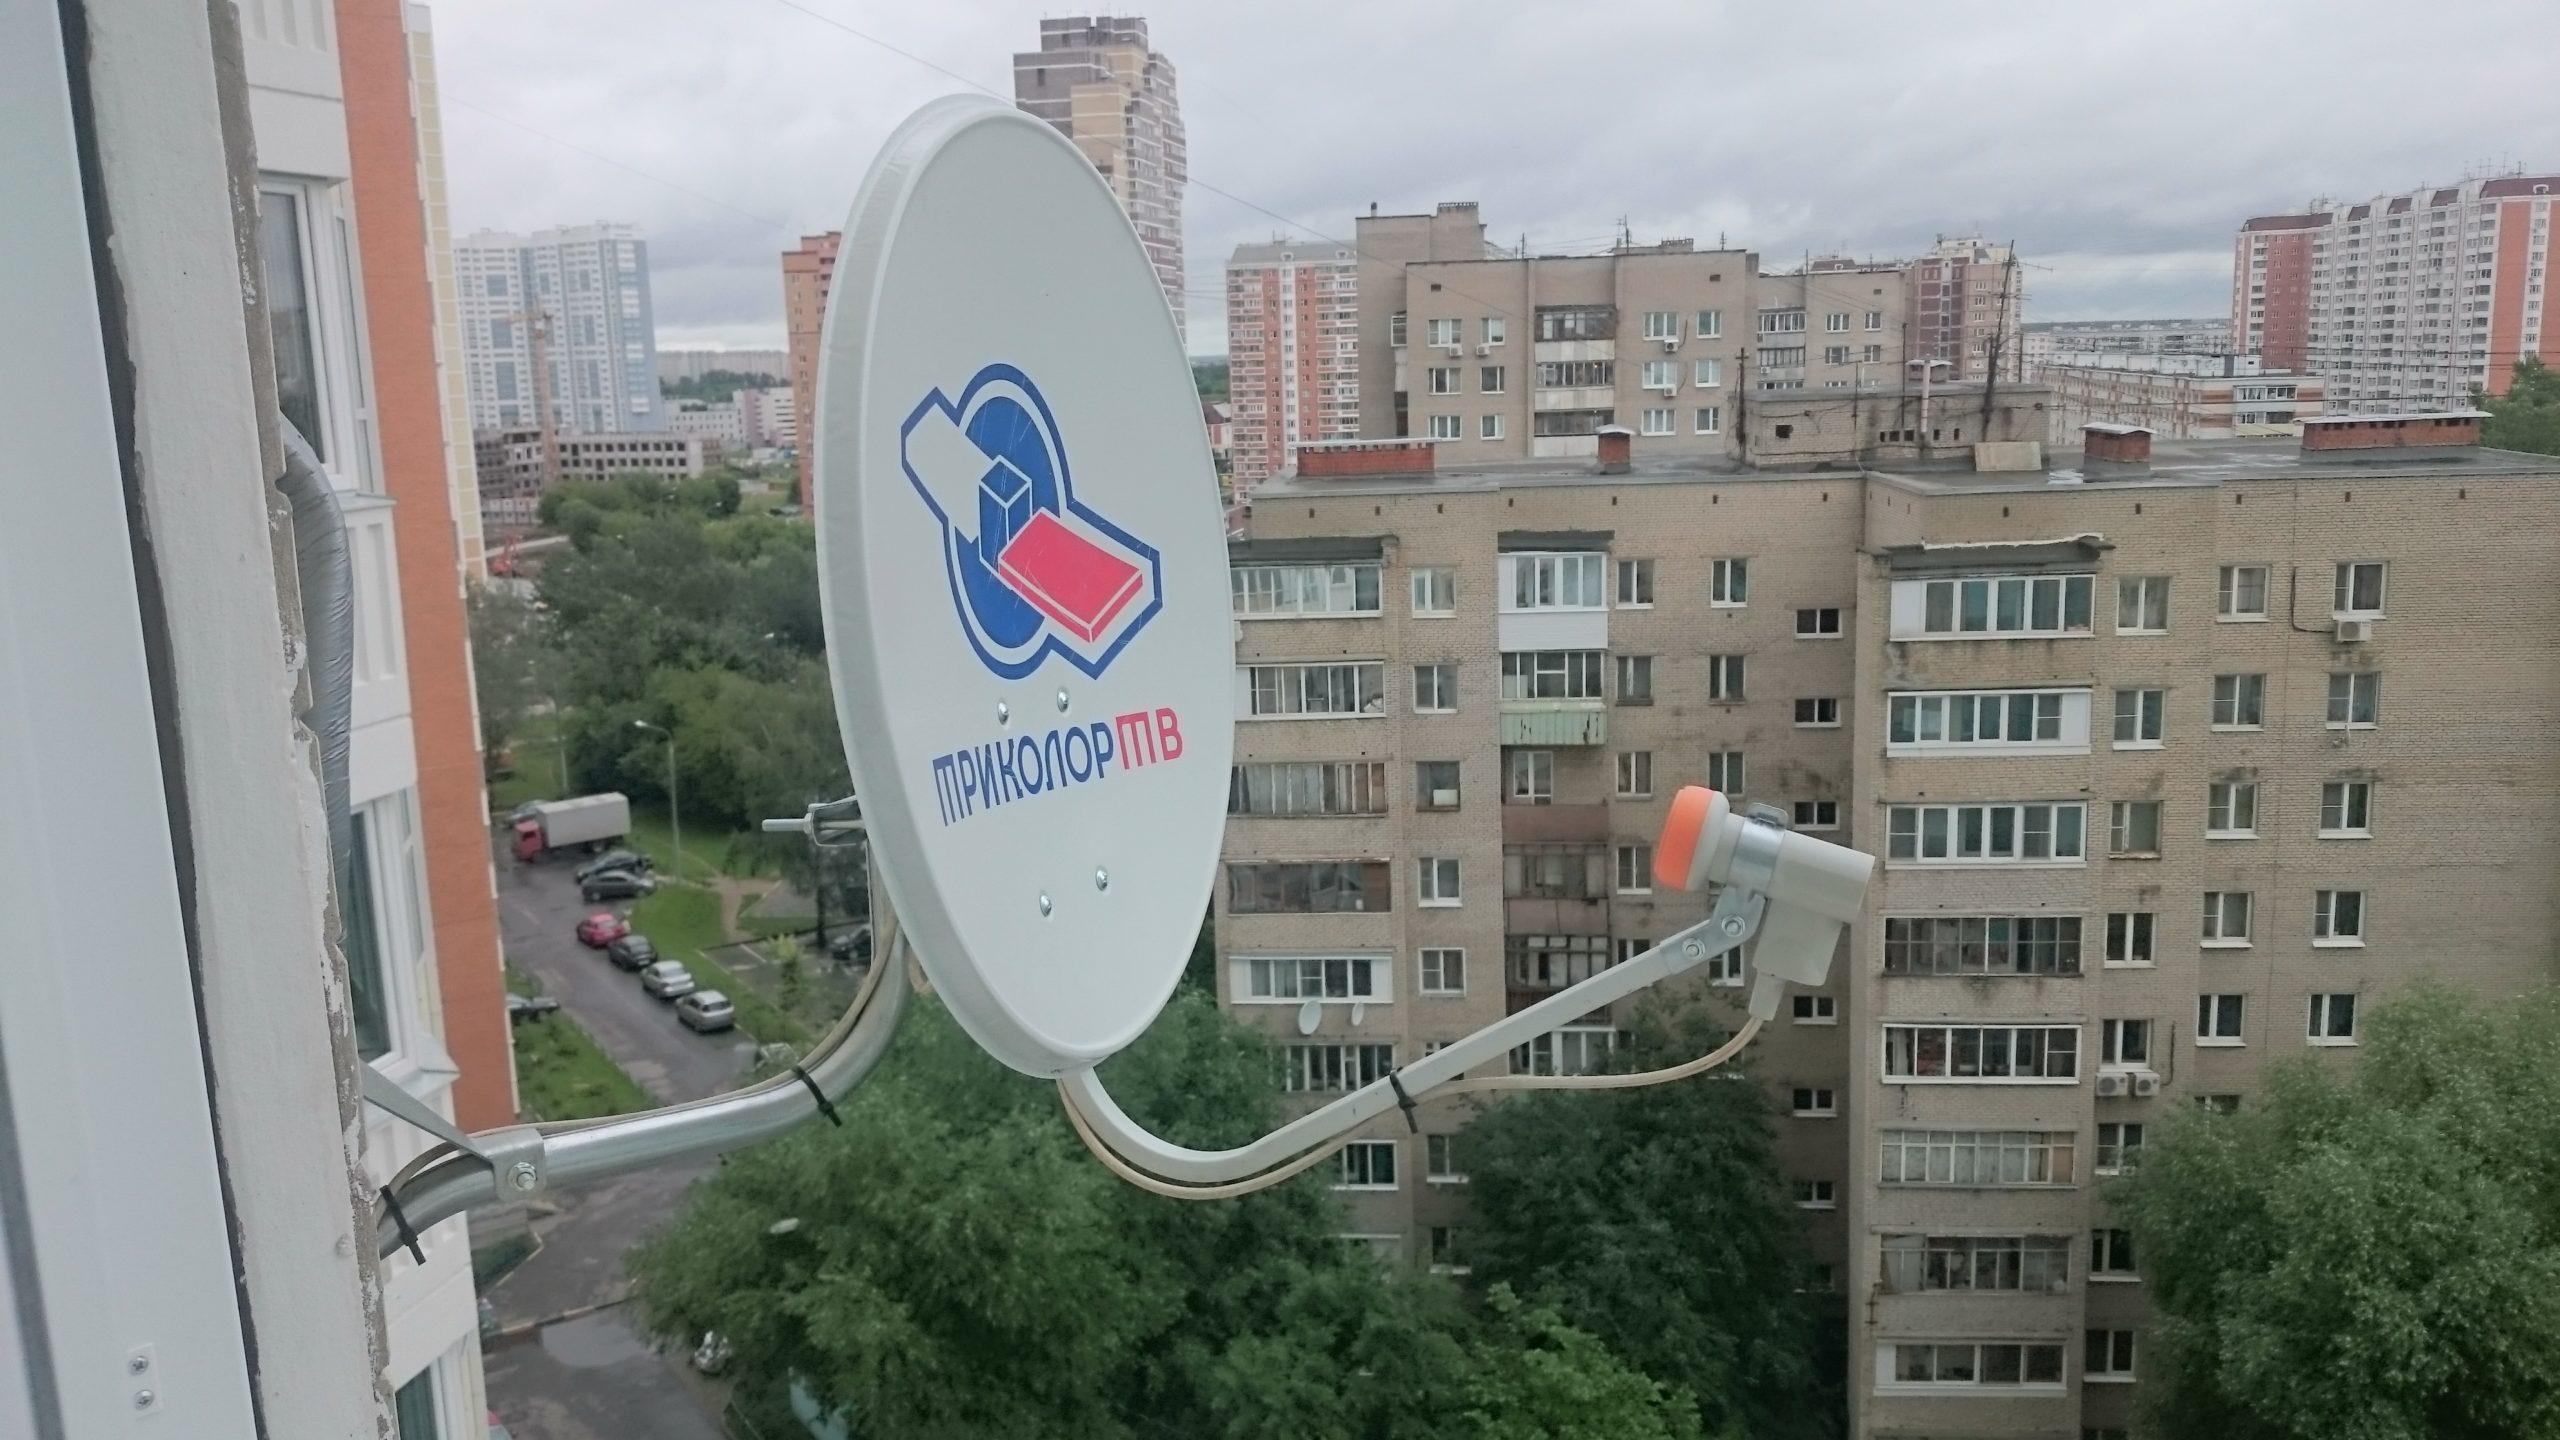 Установить спутниковую антенну